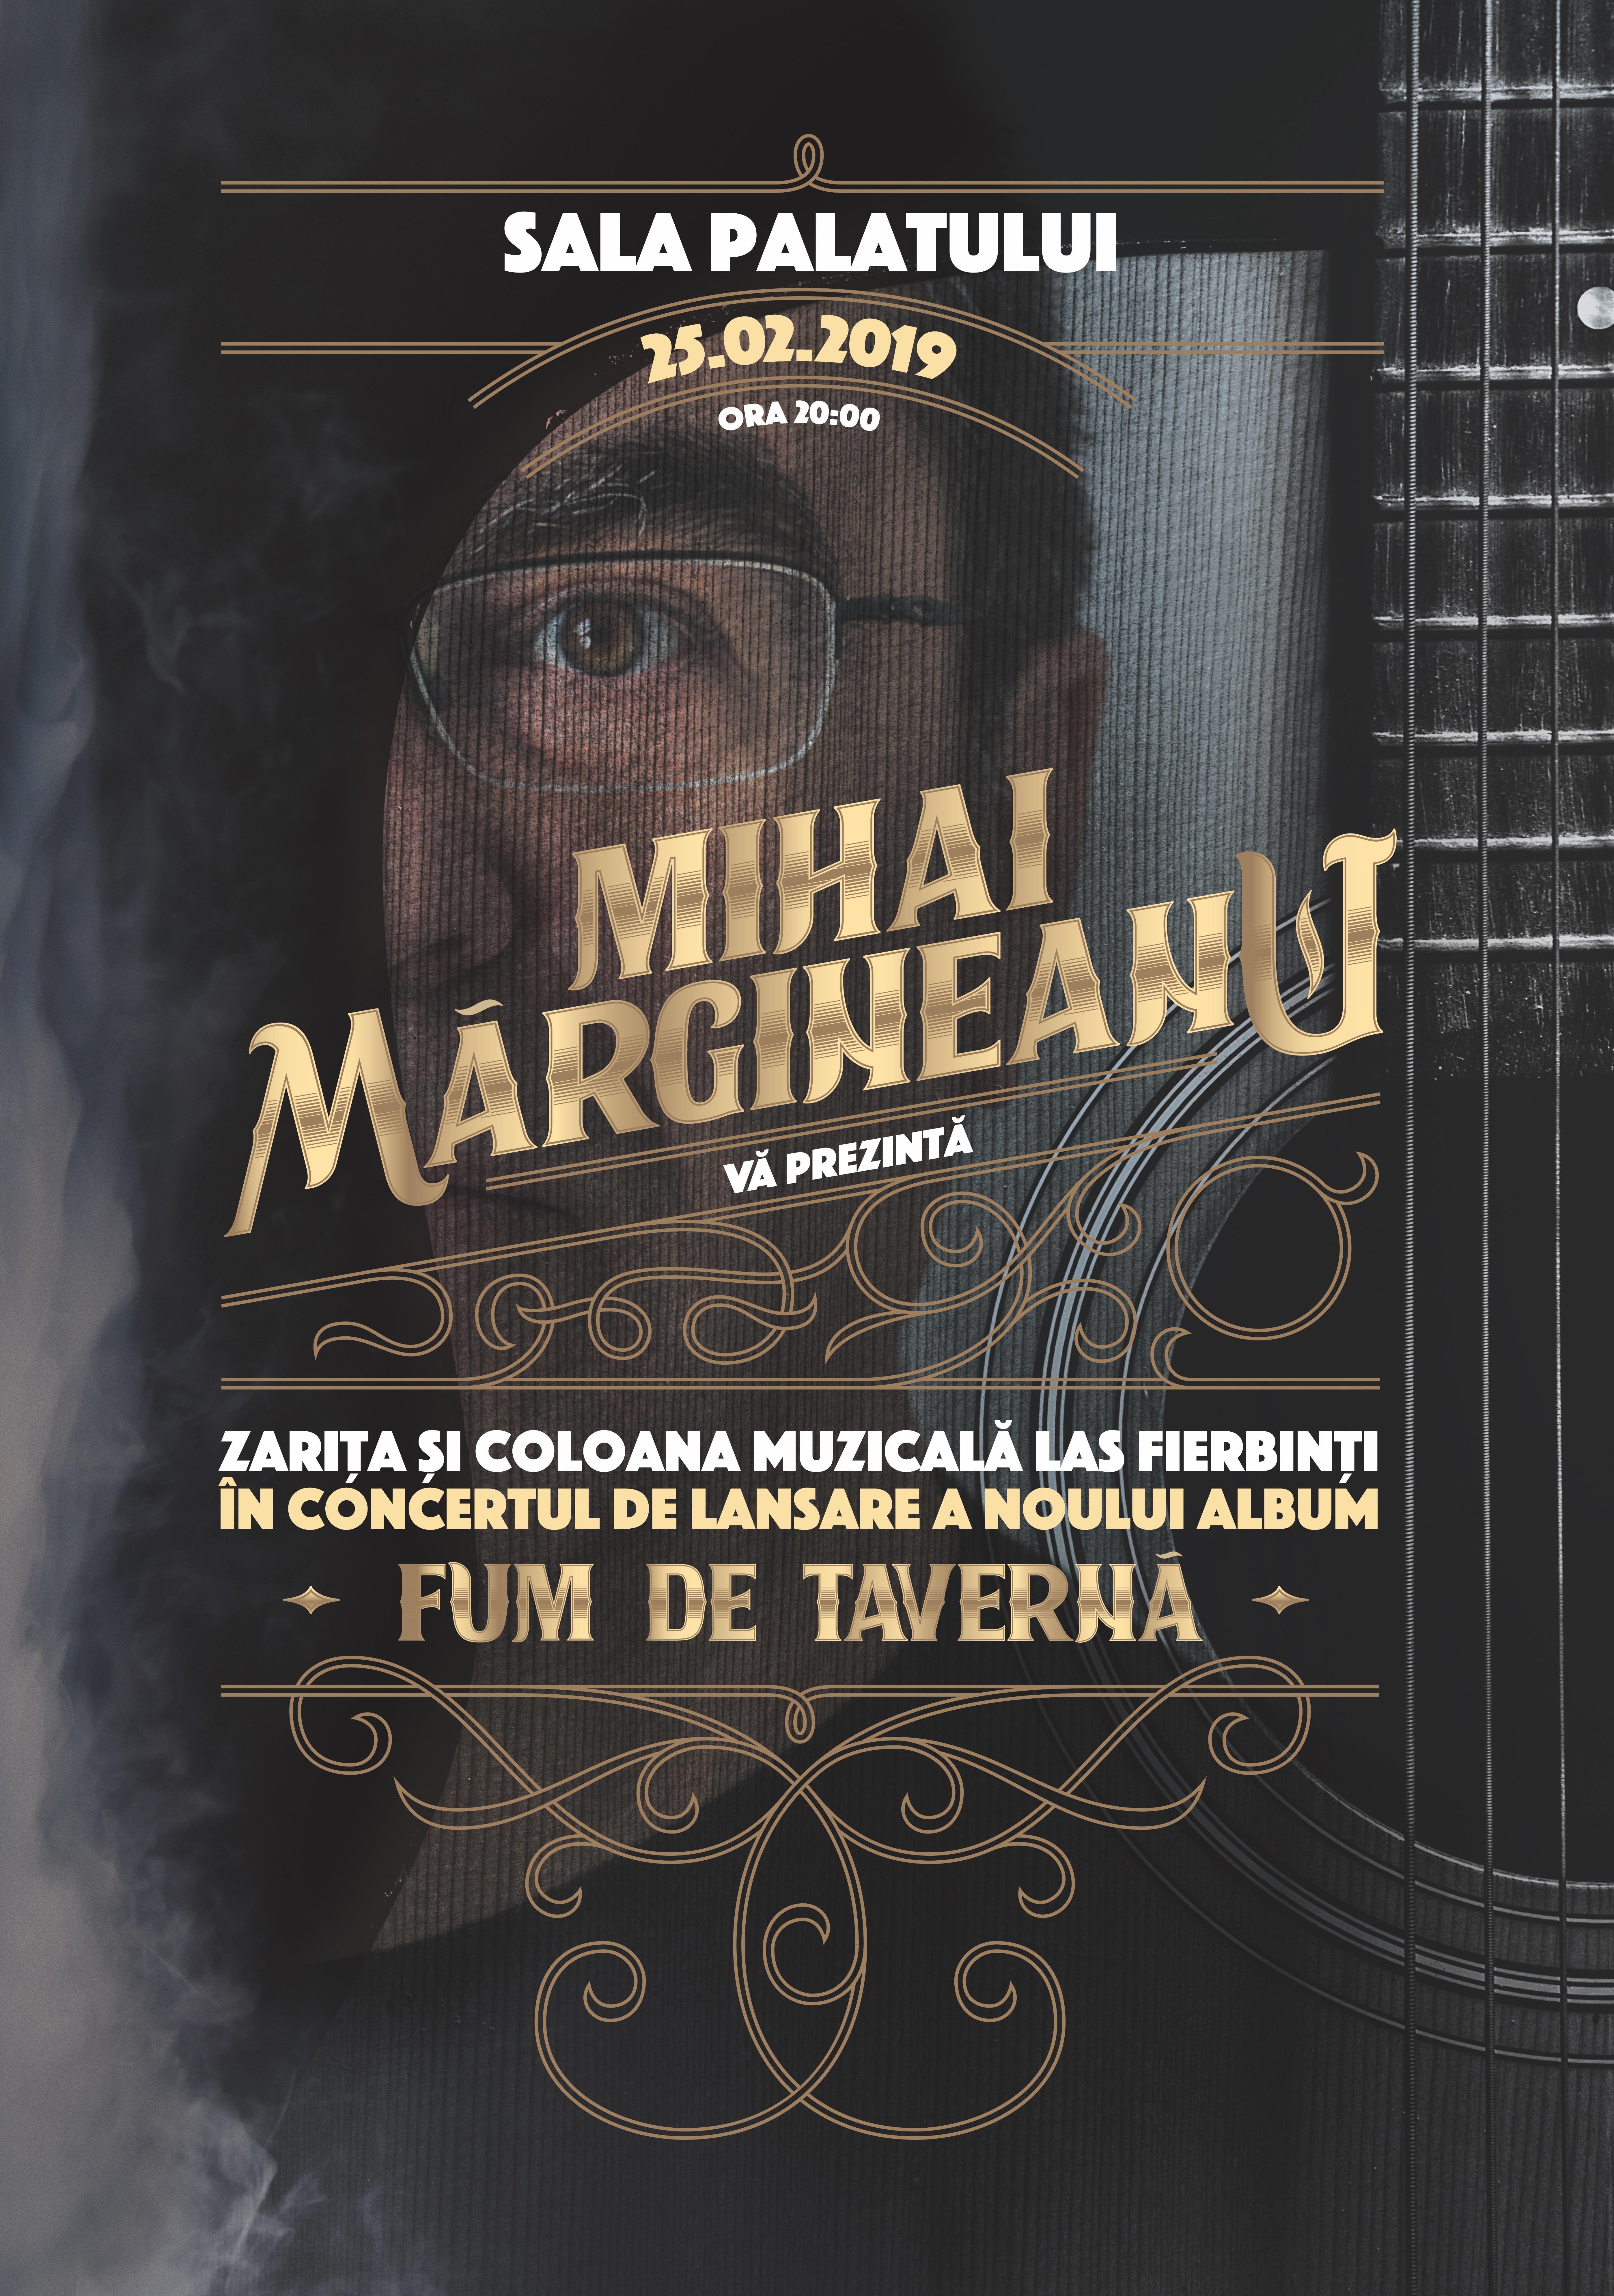 """{focus_keyword} Actorii din """"Las Fierbinti"""", alaturi de Mihai Margineanu in concert la Sala Palatului image001 43"""